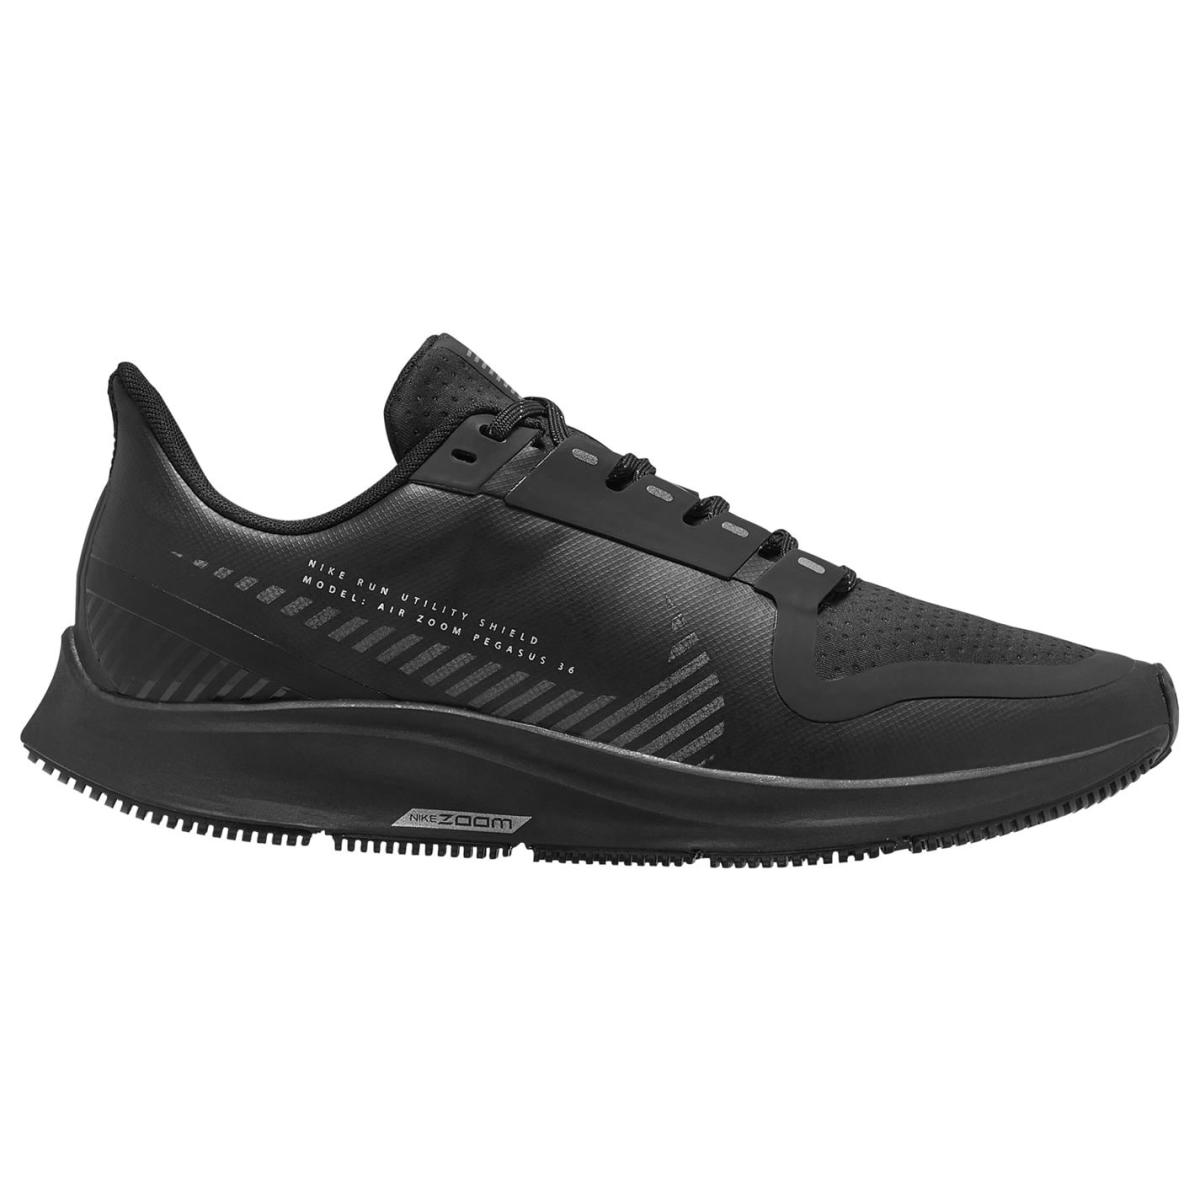 Nike Zoom Pegasus 36 Turnschuhe Damen Sneaker Sportschuhe Laufschuhe 4414